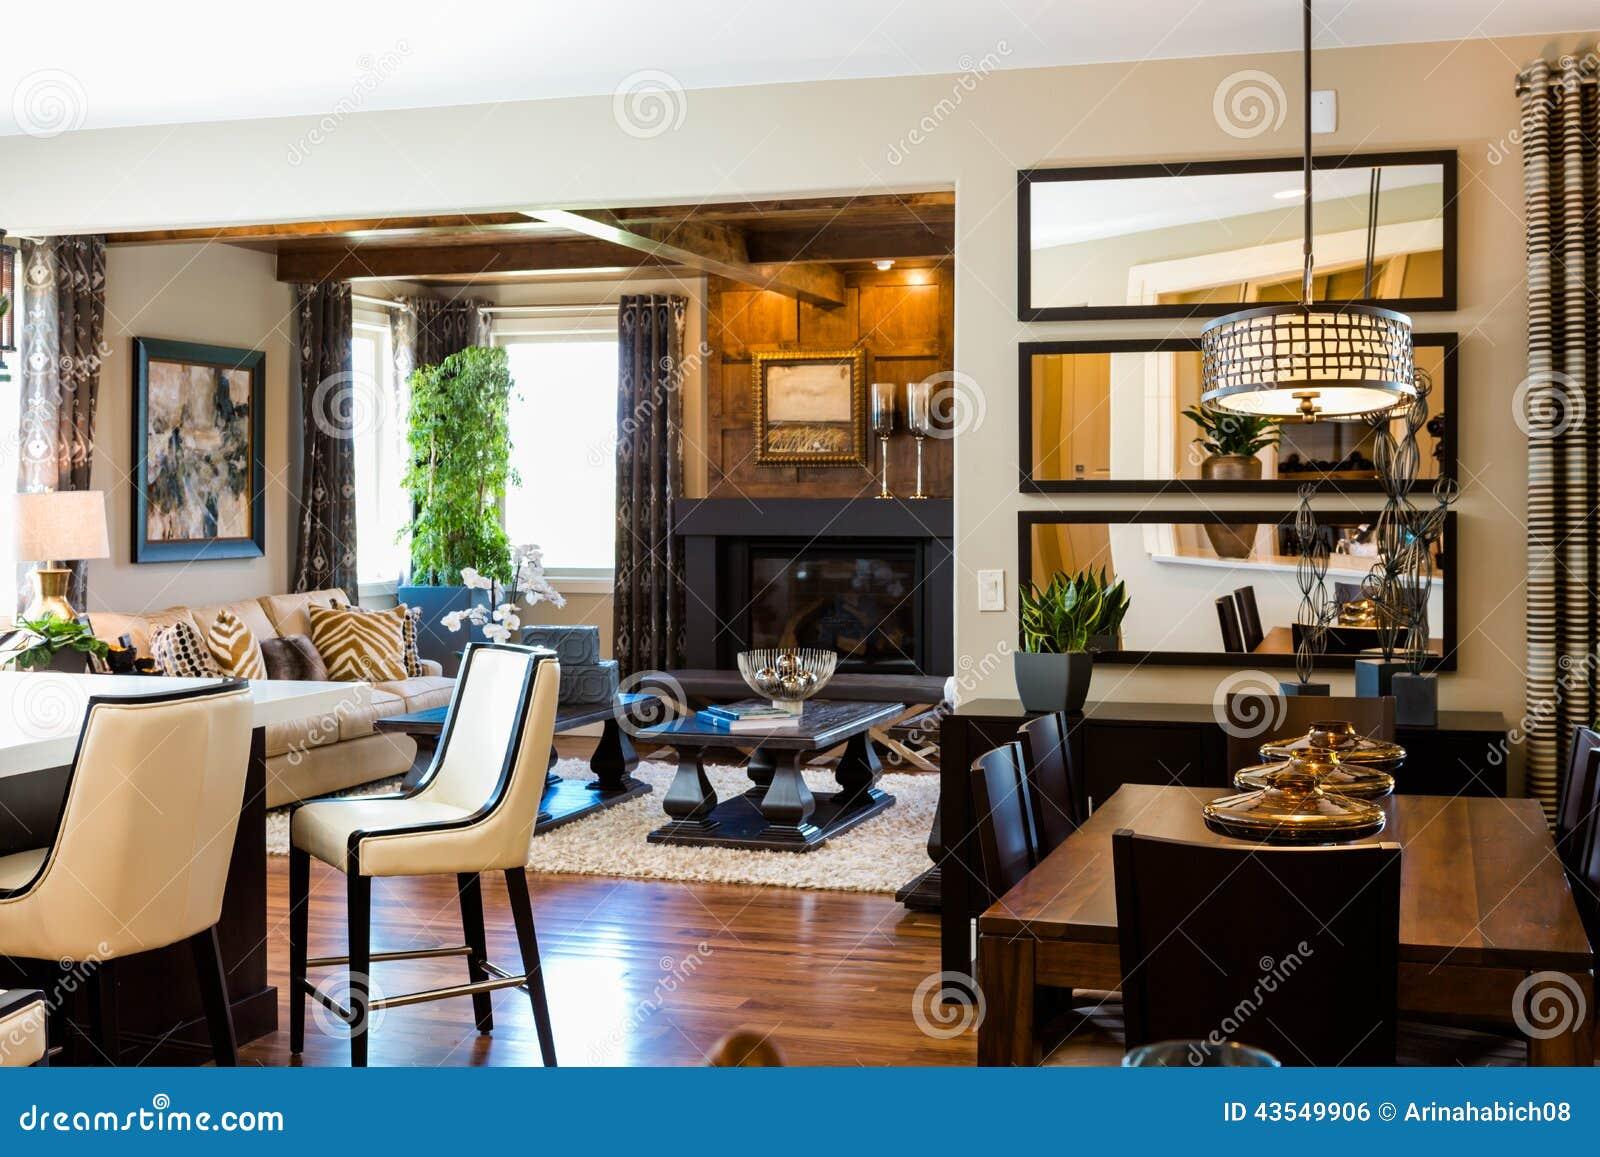 American interior vomit of an interior designer american American interior design